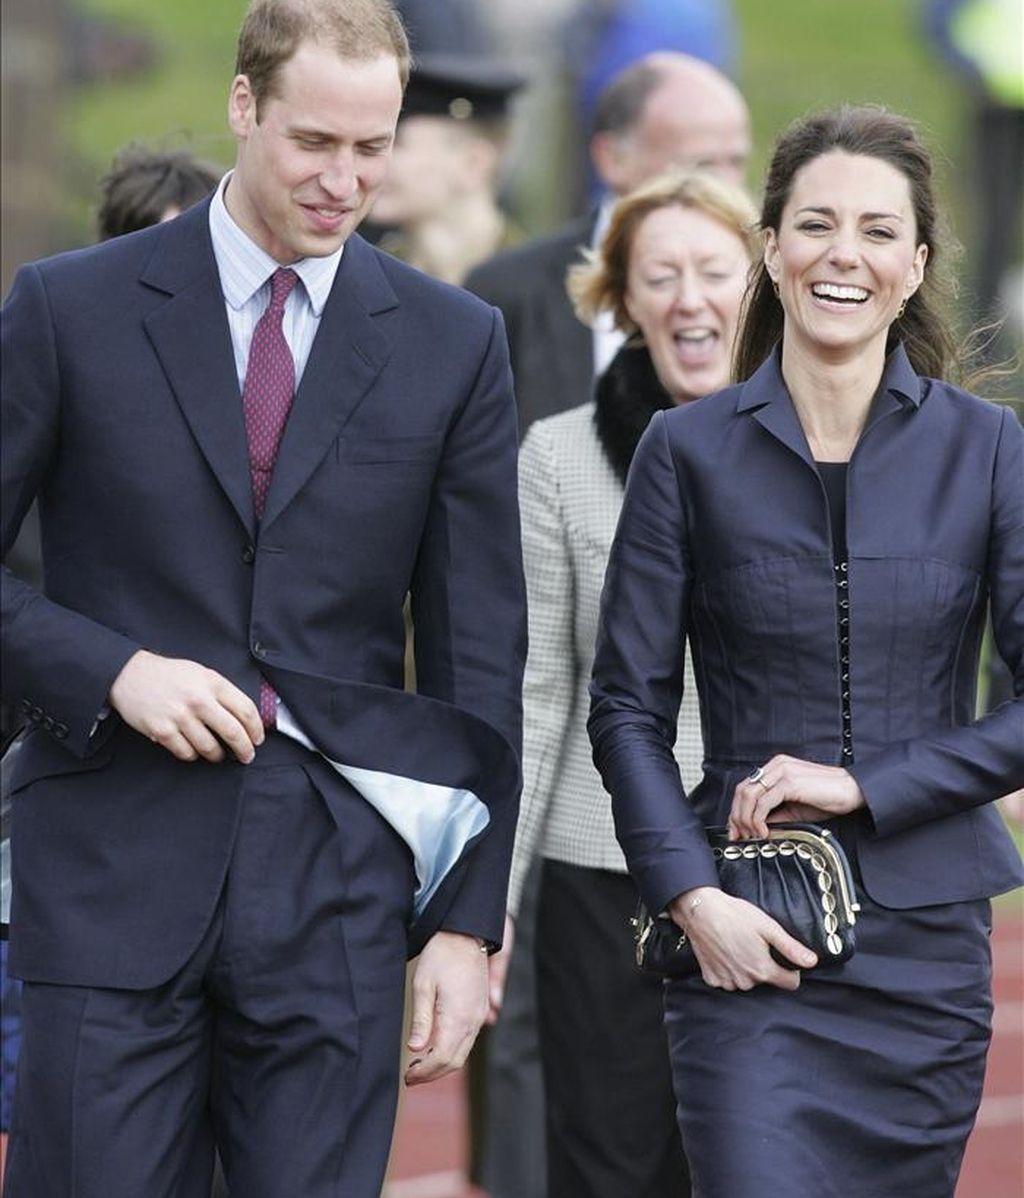 El príncipe Guillermo de Inglaterra y su novia Kate Middleton llegan a la Aldridge Community Academy de Darwen, noroeste de Reino Unido, el pasado 10 de abril, en el último acto oficial como solteros antes de su boda, el 29 de abril. EFE